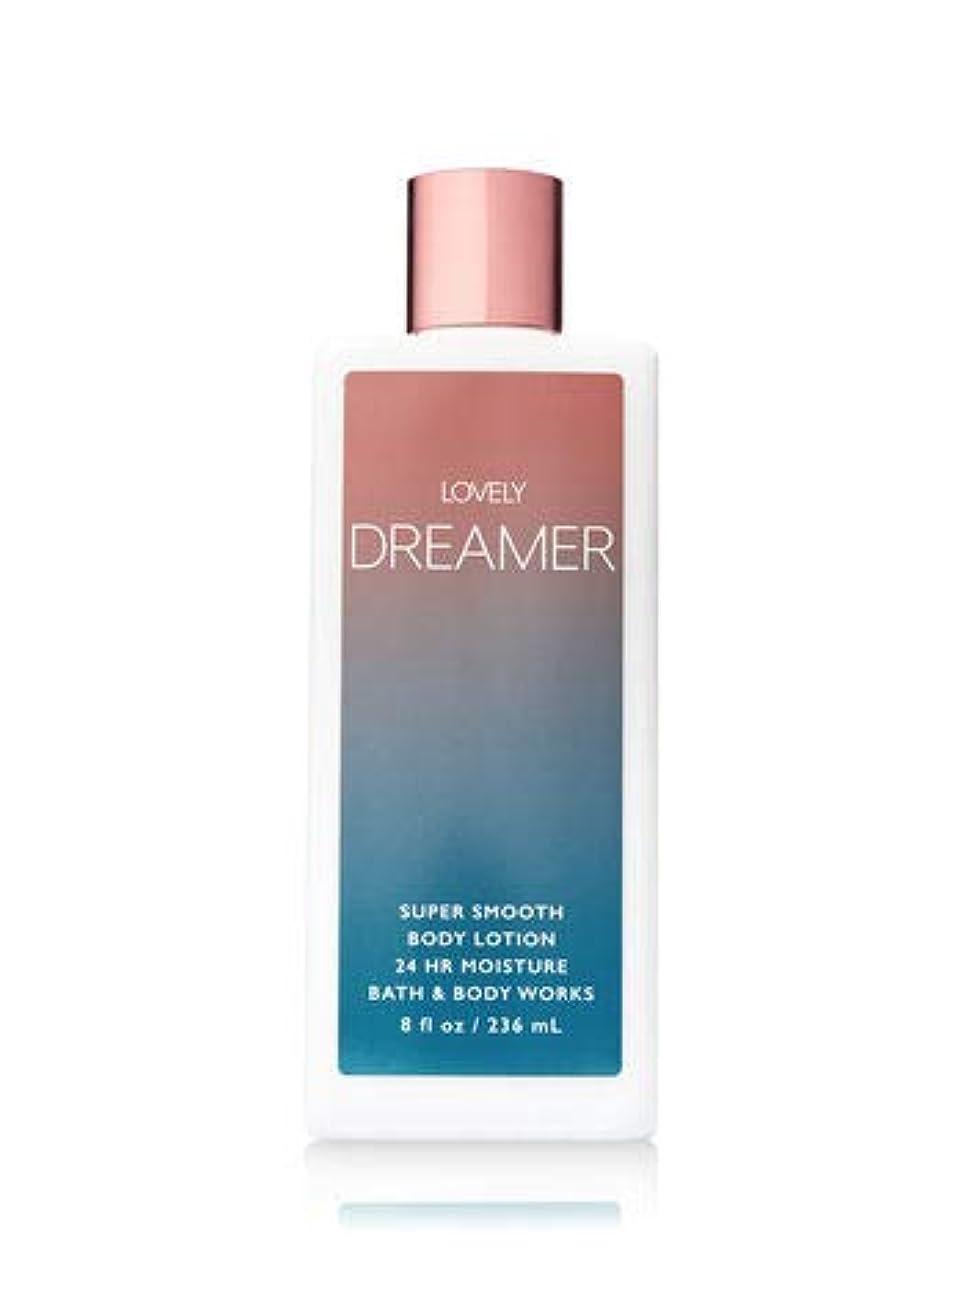 最小化する最初関係【Bath&Body Works/バス&ボディワークス】 ボディローション ラブリードリーマー Super Smooth Body Lotion Lovely Dreamer 8 fl oz / 236 mL [並行輸入品]